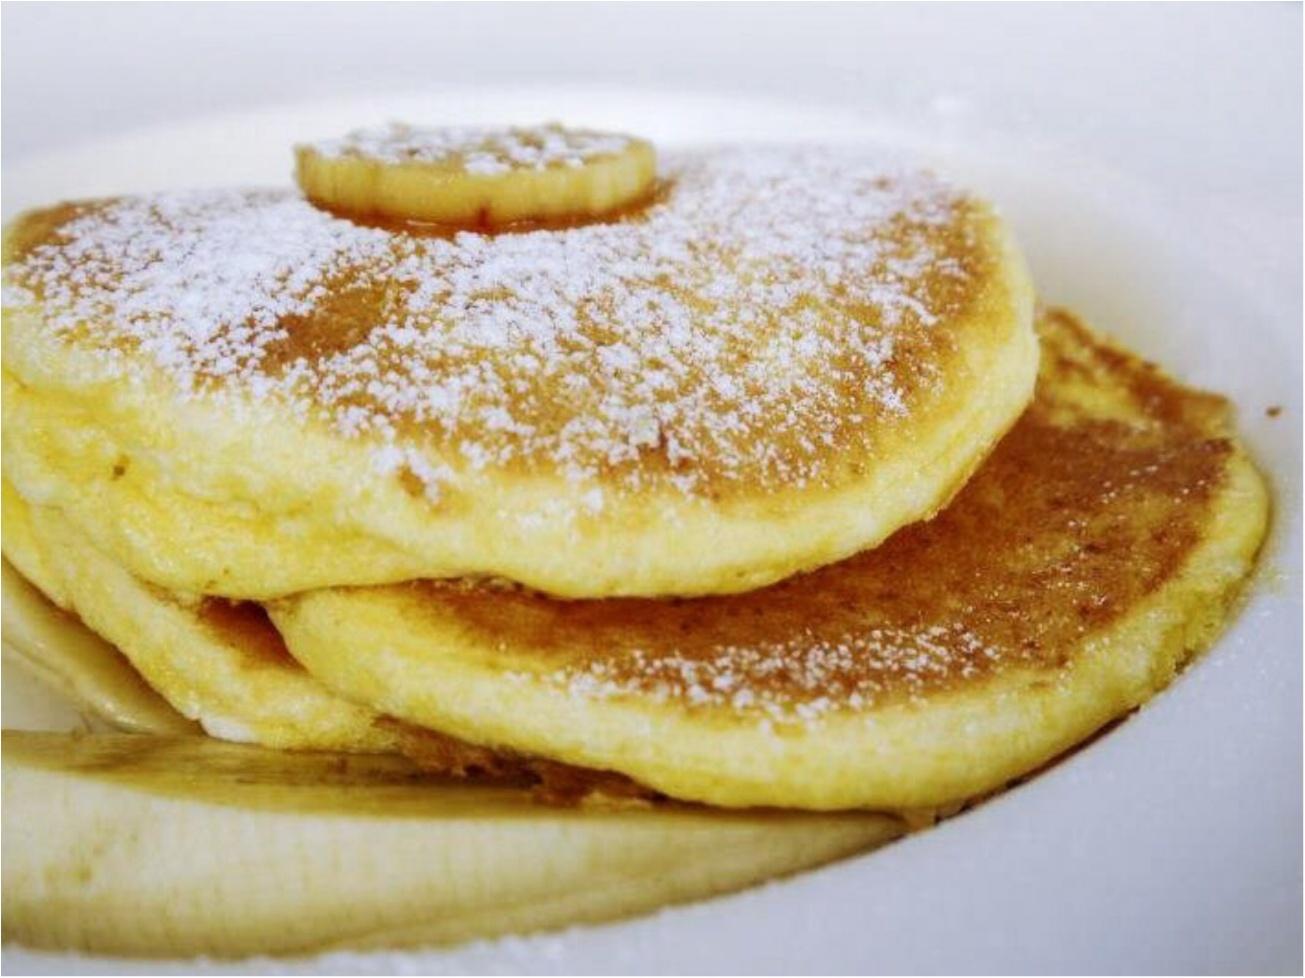 【銀座/bills】bills=パンケーキの法則だけじゃない!! billsの新感覚フレンチトーストが絶品♫_2